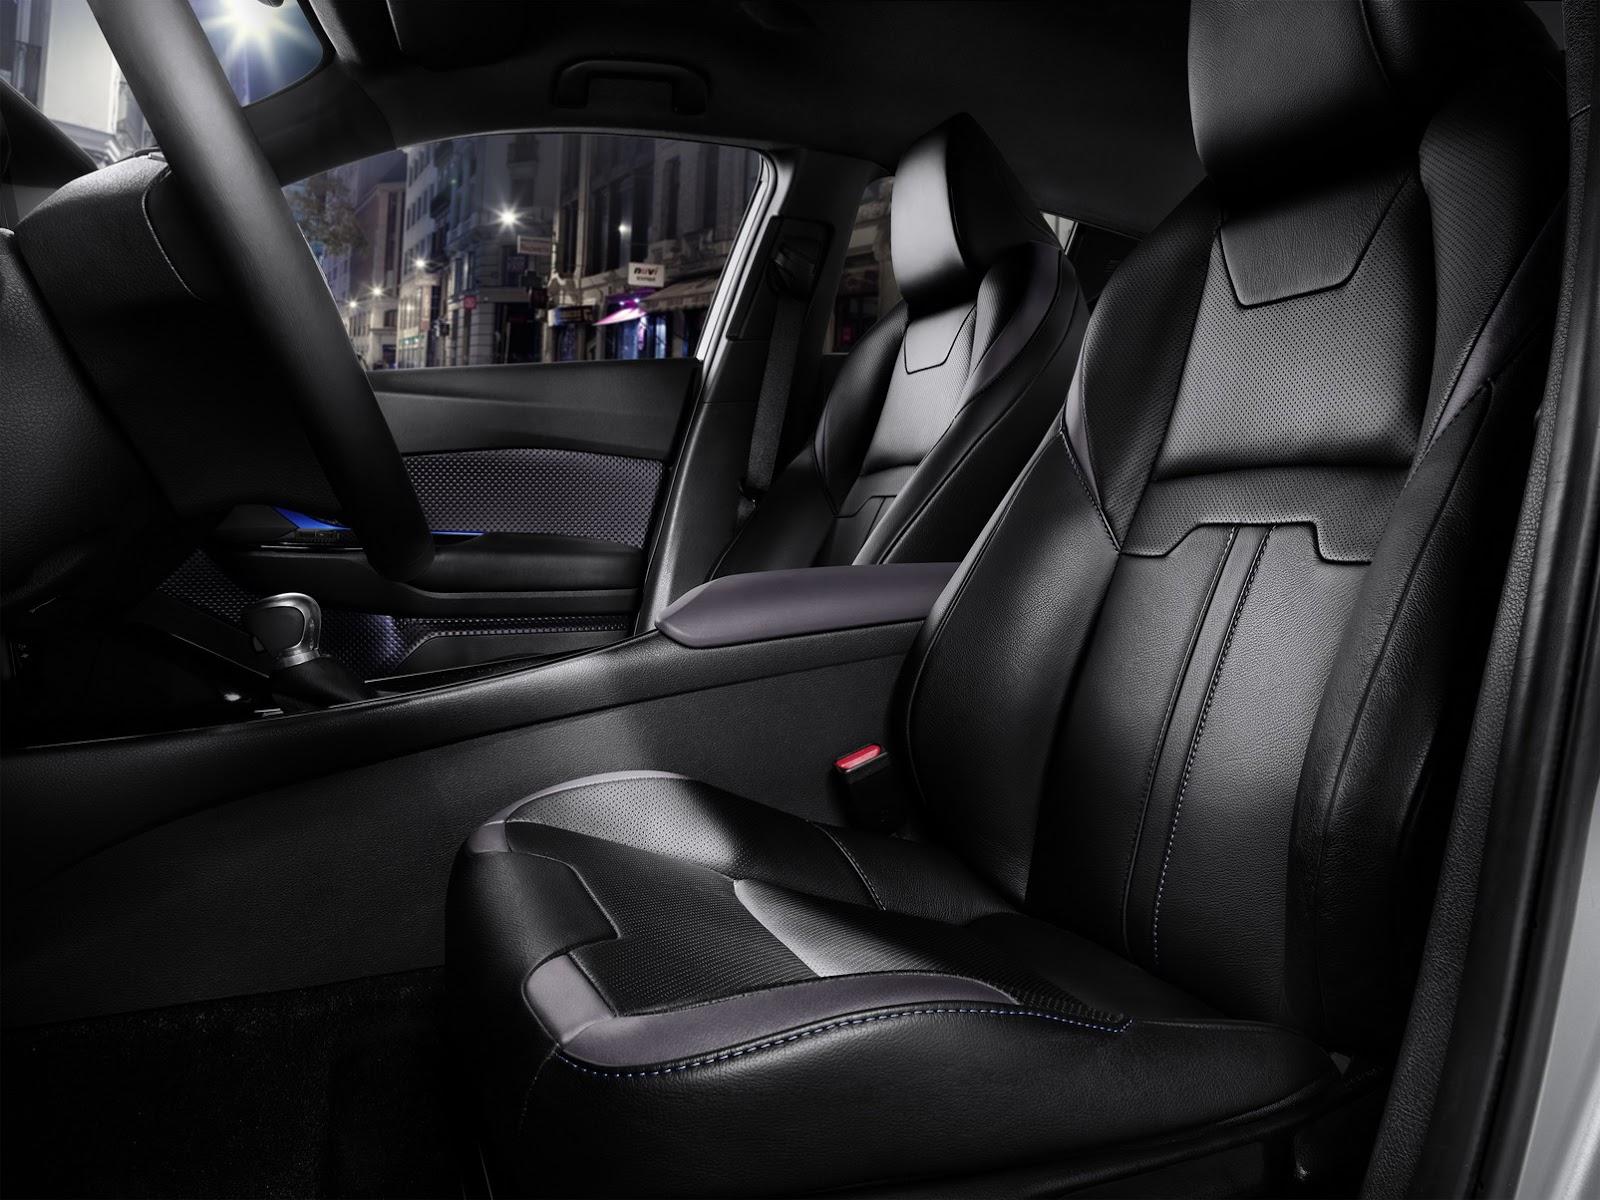 Bên cạnh đó là một số tính năng có sẵn như ghế sưởi ấm, cửa mở không cần chìa khóa, kính bảo mật, ghế bọc da một phần, hệ thống hỗ trợ đỗ xe thông minh S-IPA, la-zăng hợp kim 18 inch, sơn ánh kim 2 tông màu cùng dàn âm thanh JBL với 8 kênh, âm-ly 576 W và 9 loa.